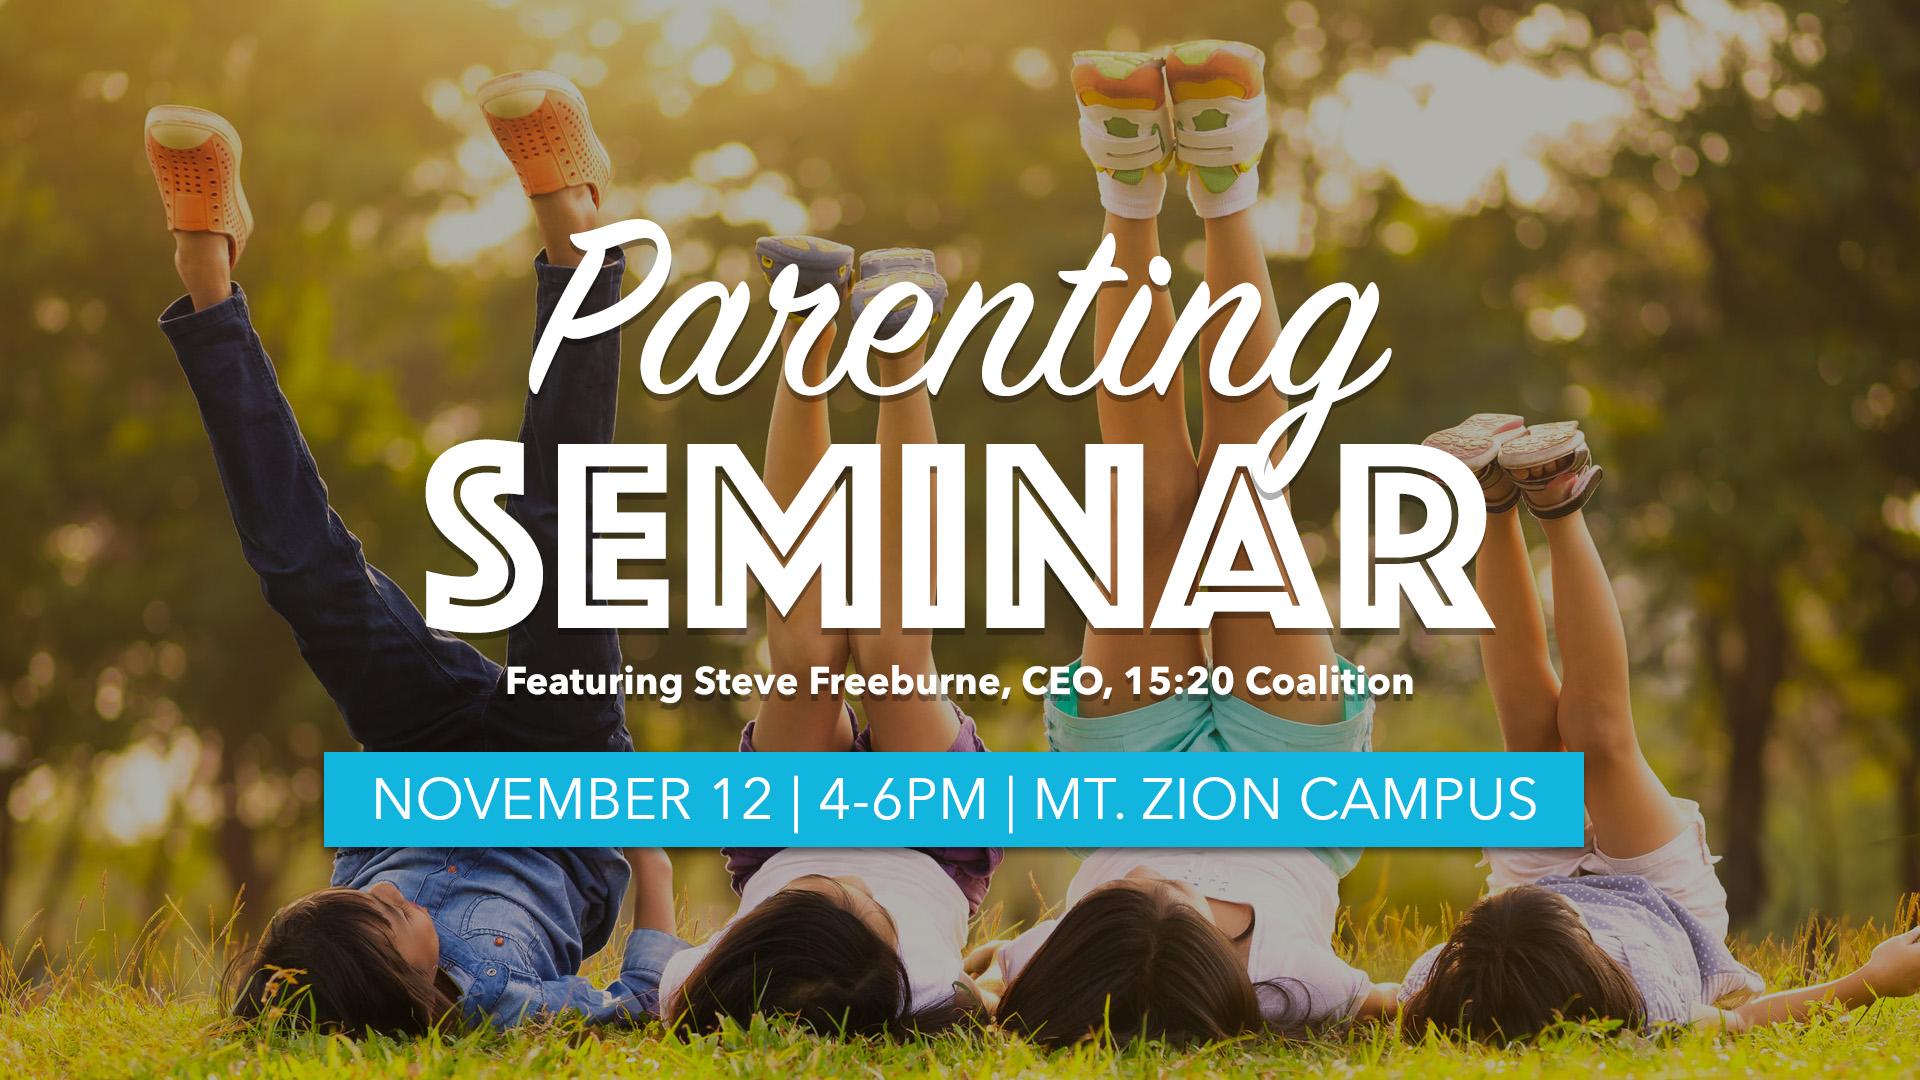 Parenting seminar1080